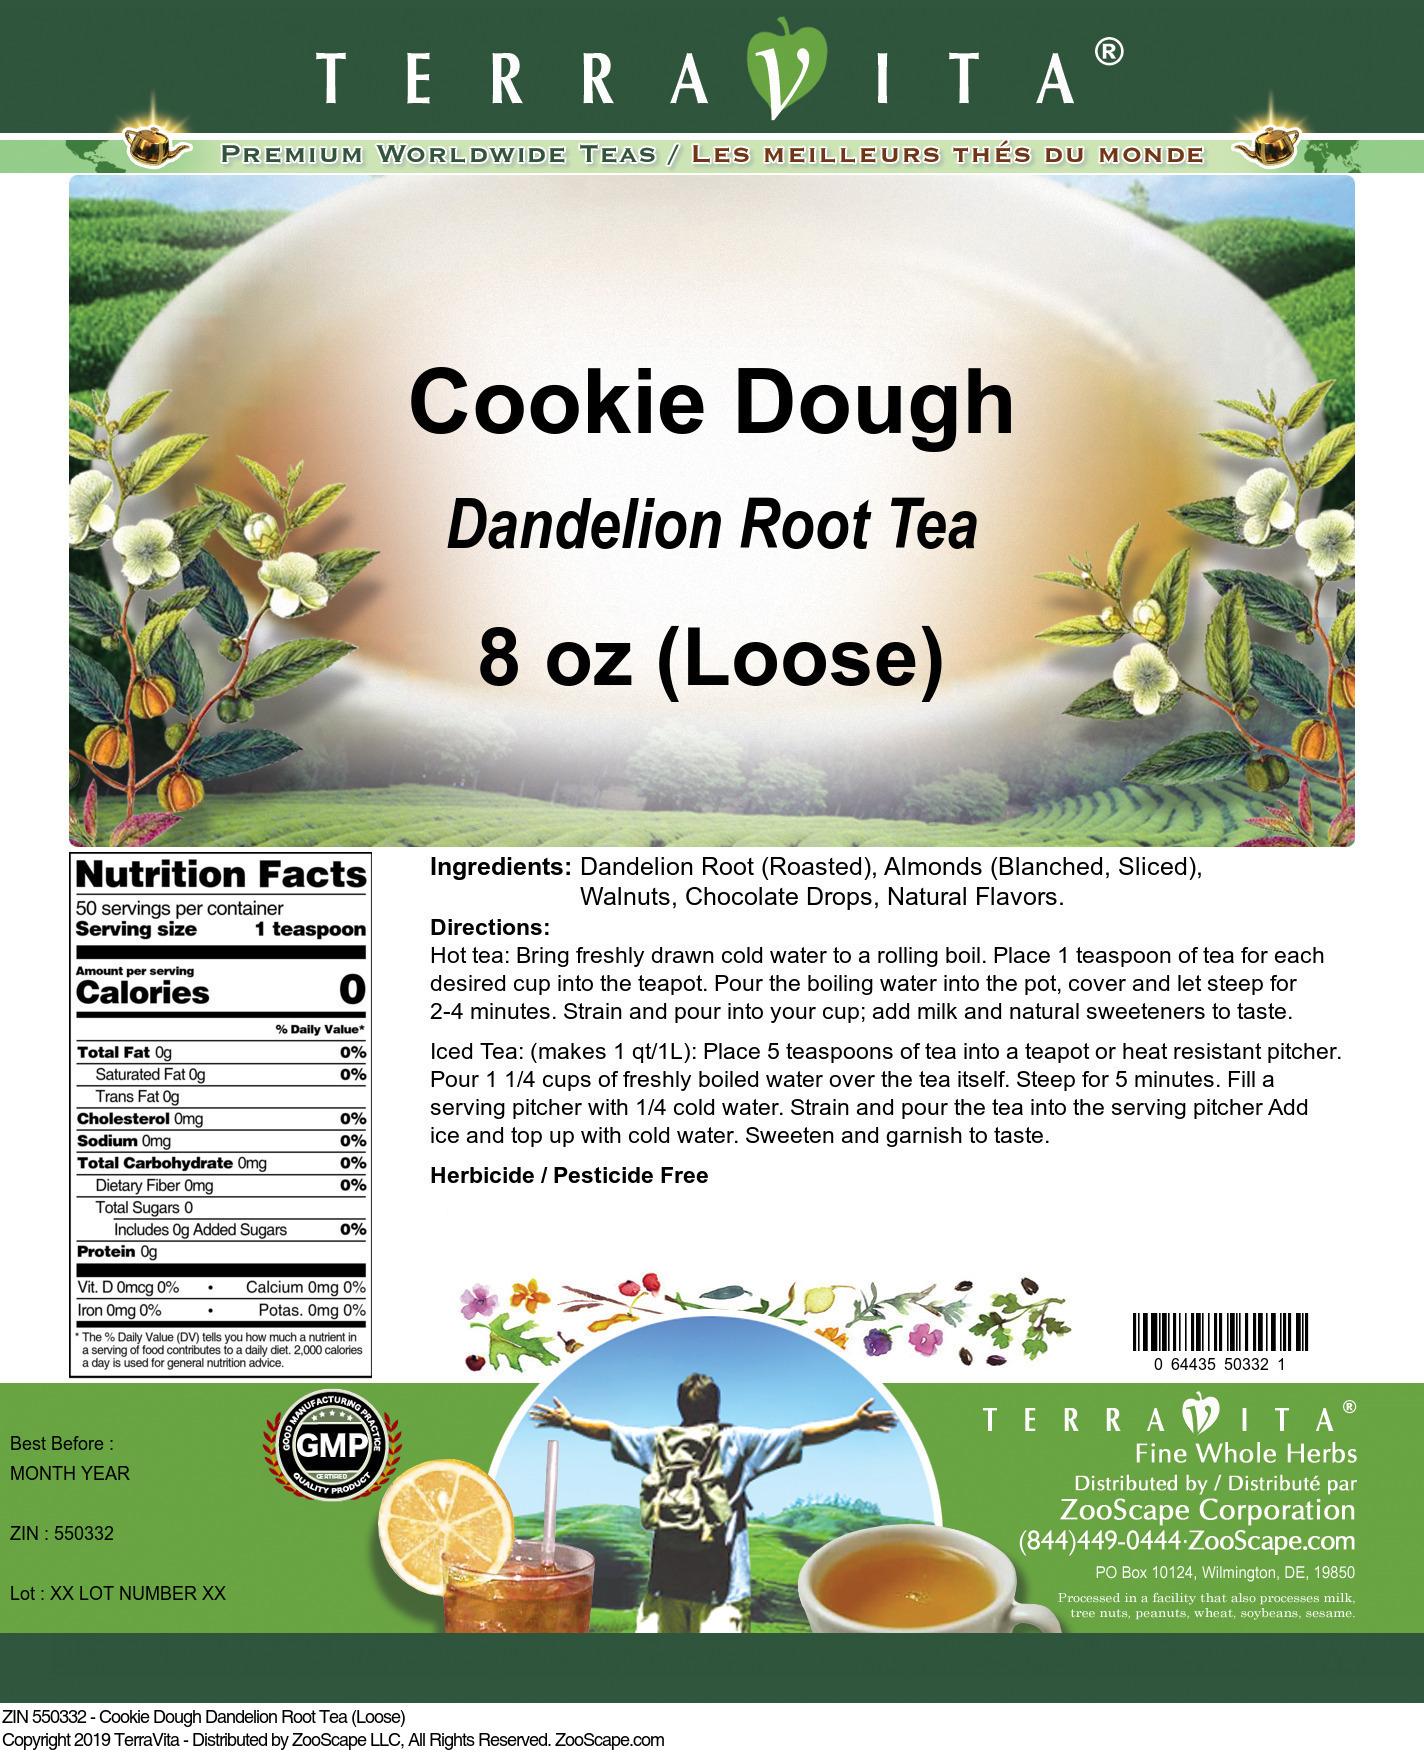 Cookie Dough Dandelion Root